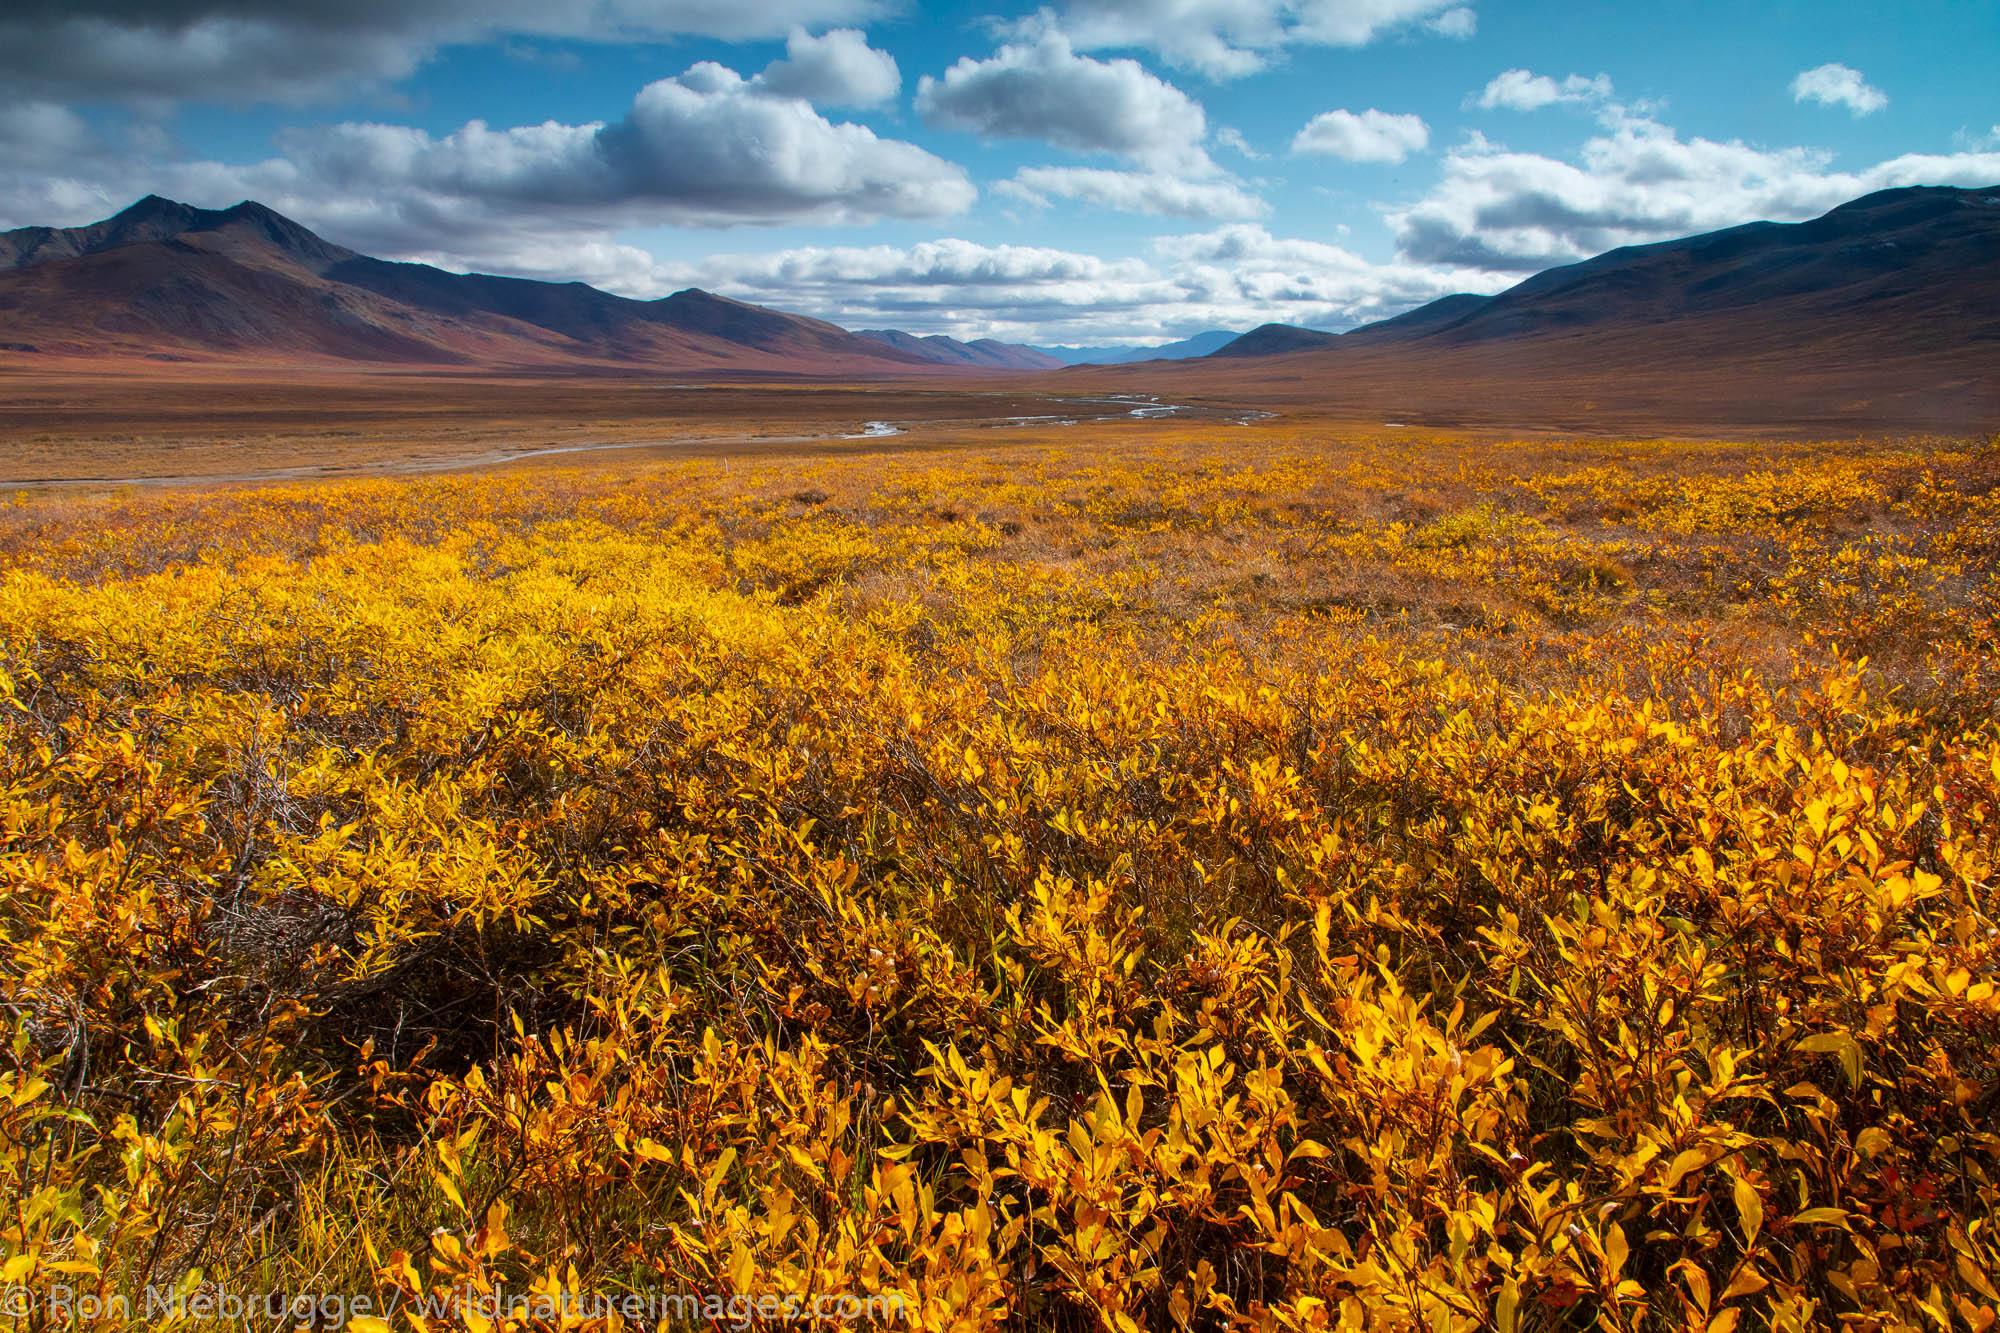 Autumn in the Brooks Range, Dalton Highway, Alaska.